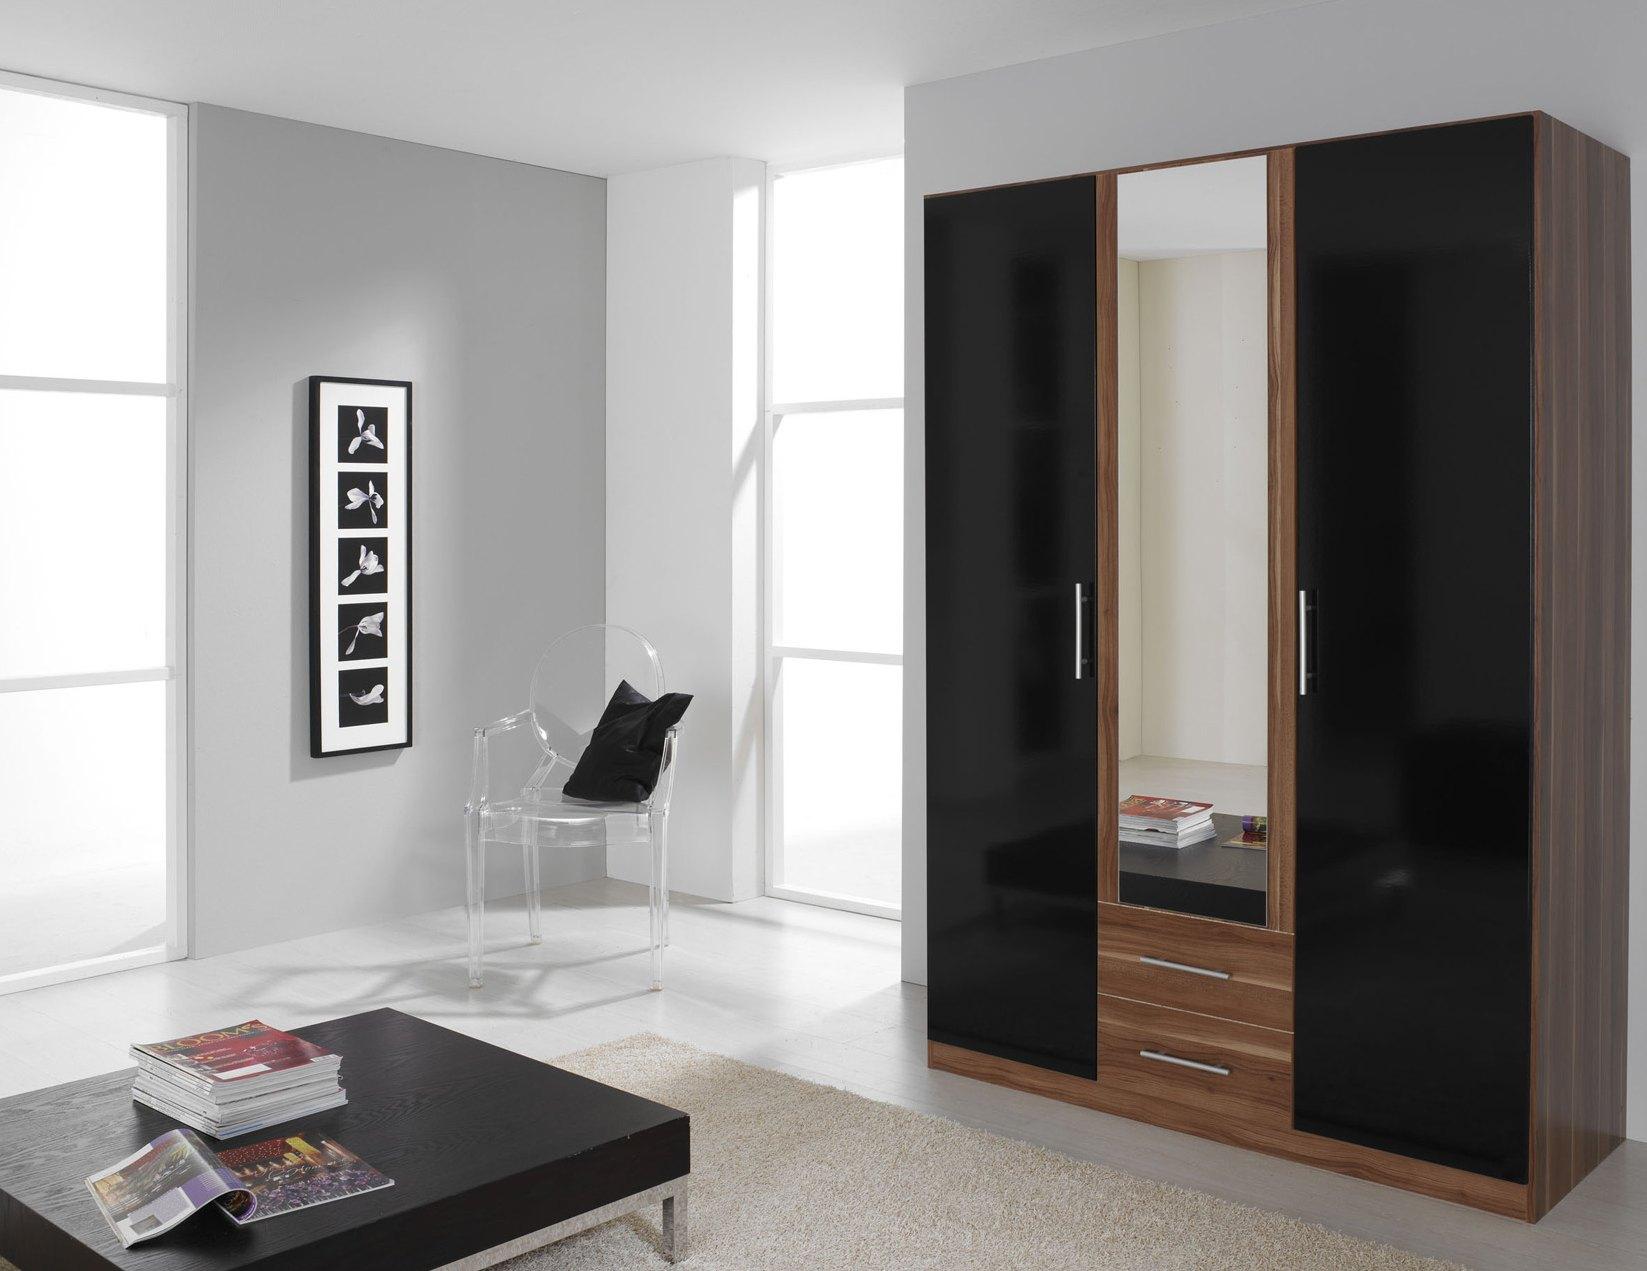 Armoire design KARA II